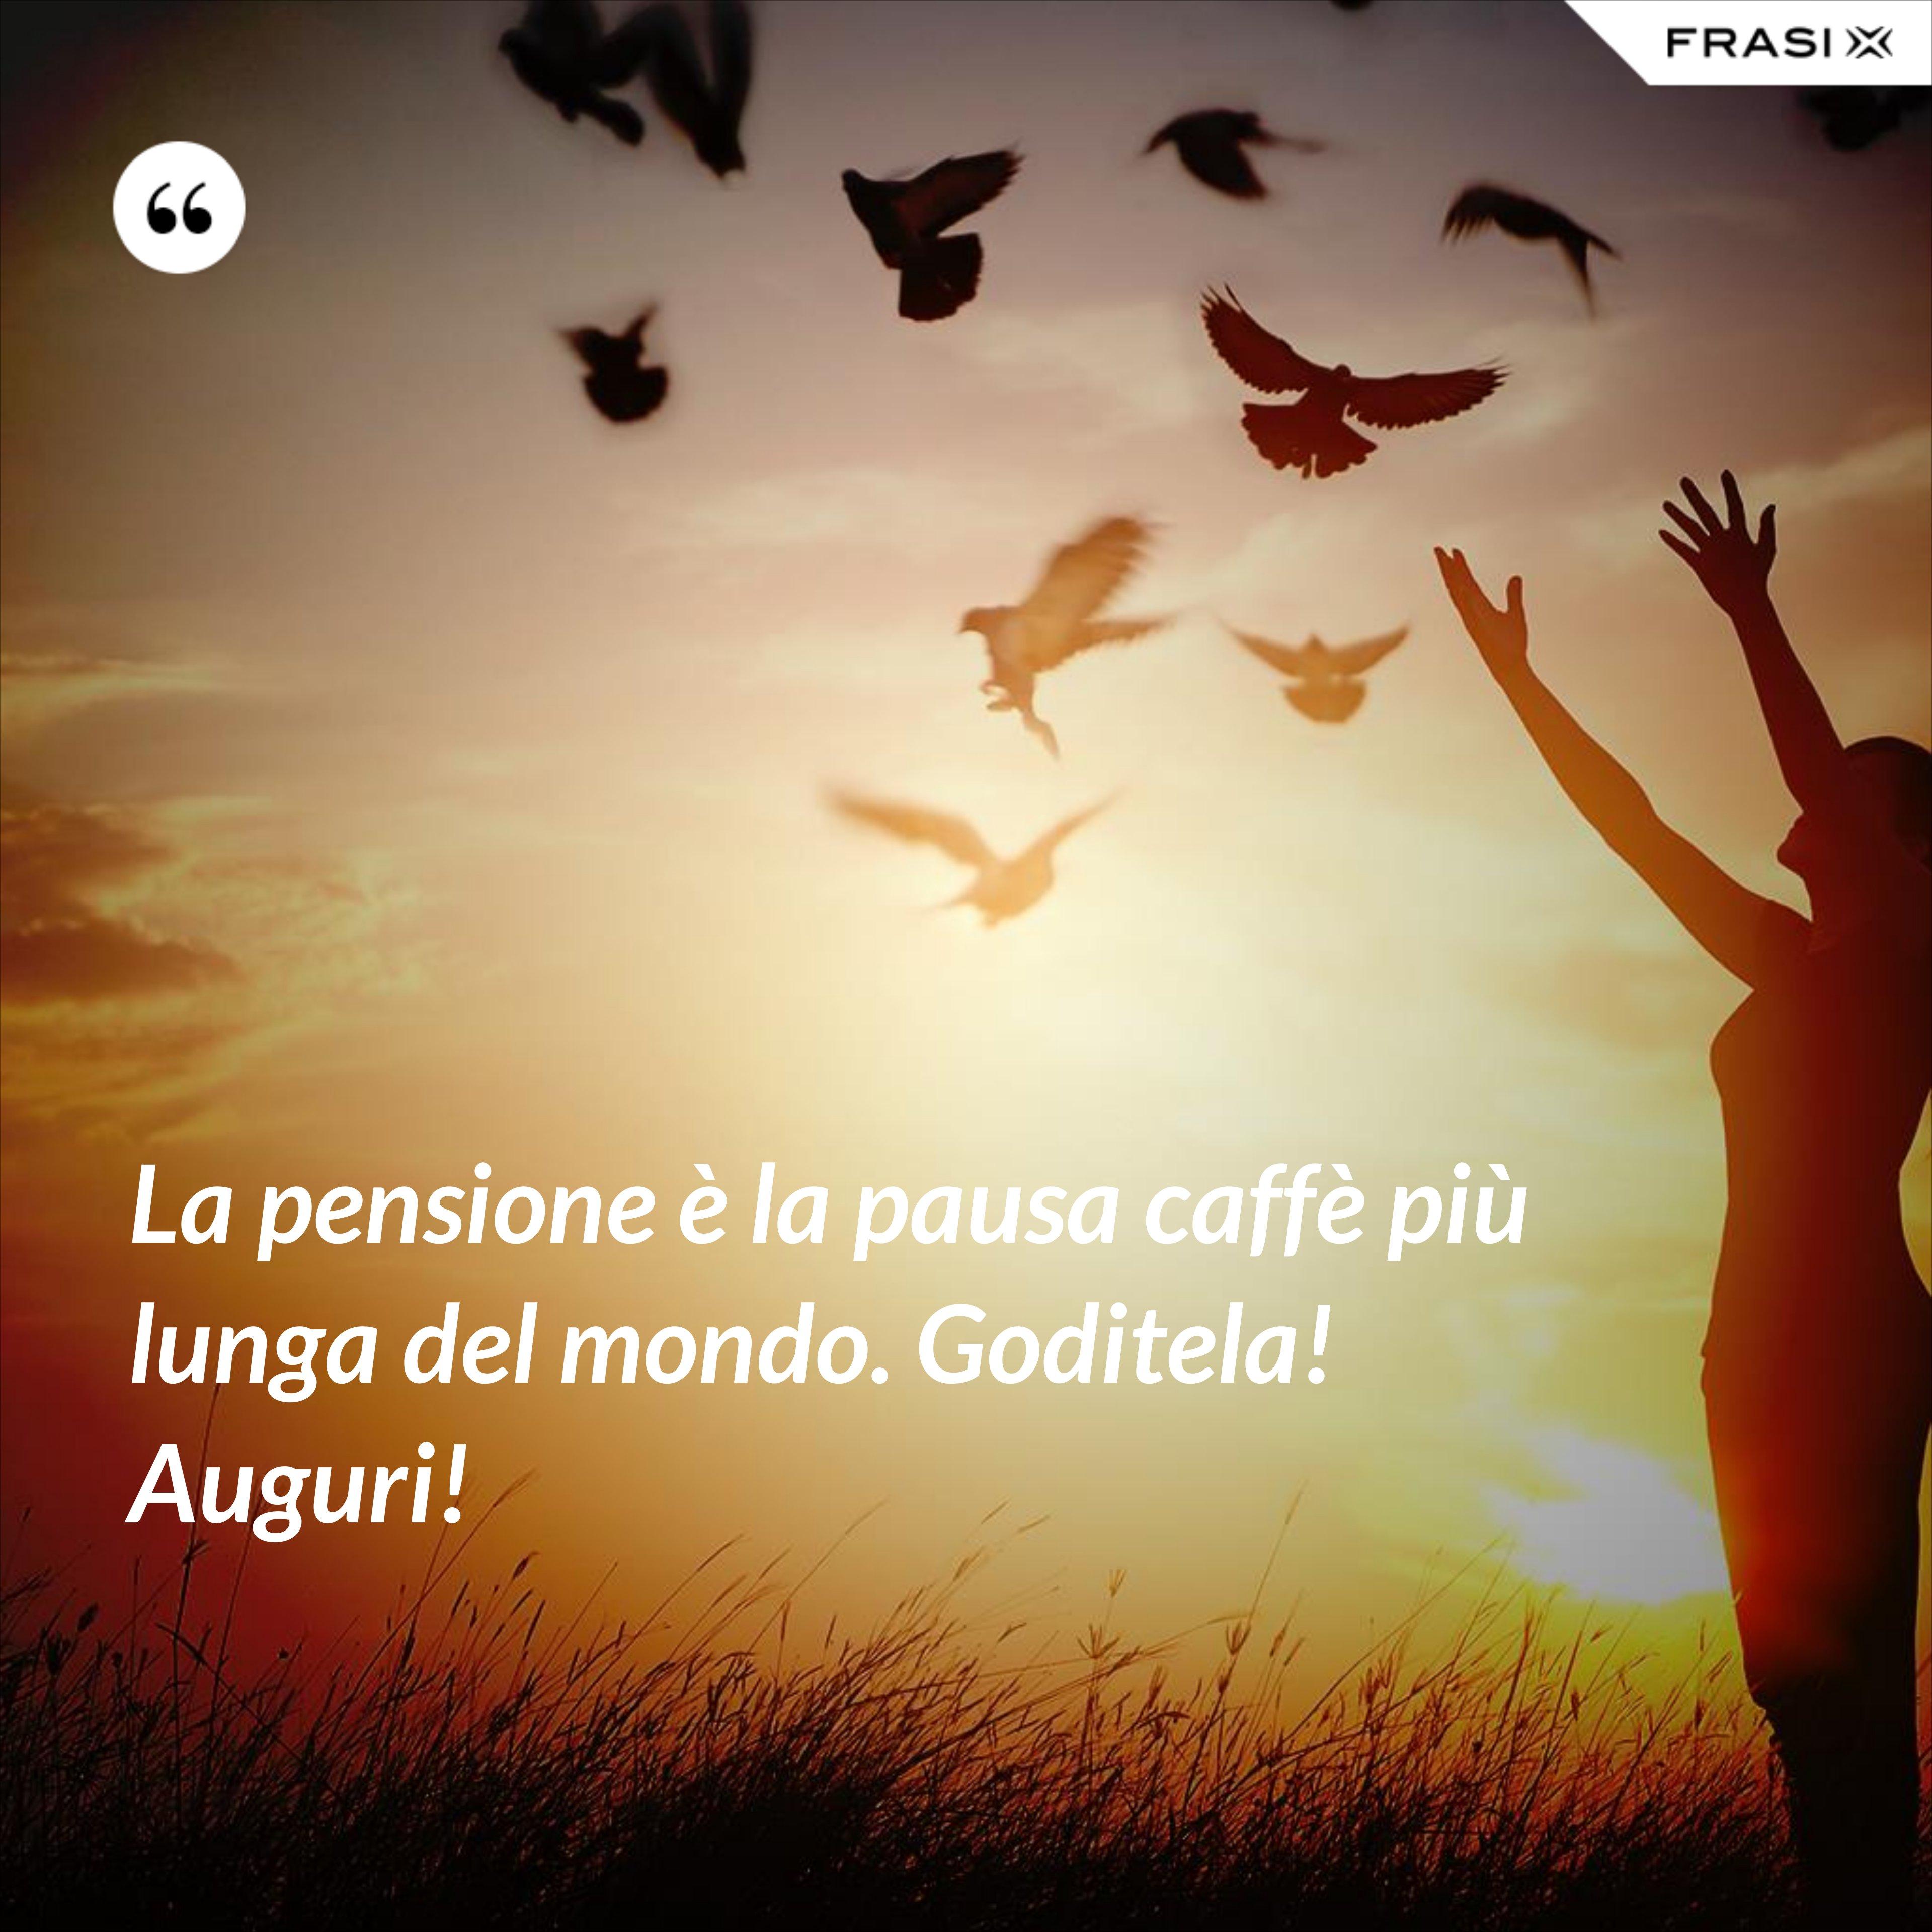 La pensione è la pausa caffè più lunga del mondo. Goditela! Auguri! - Anonimo